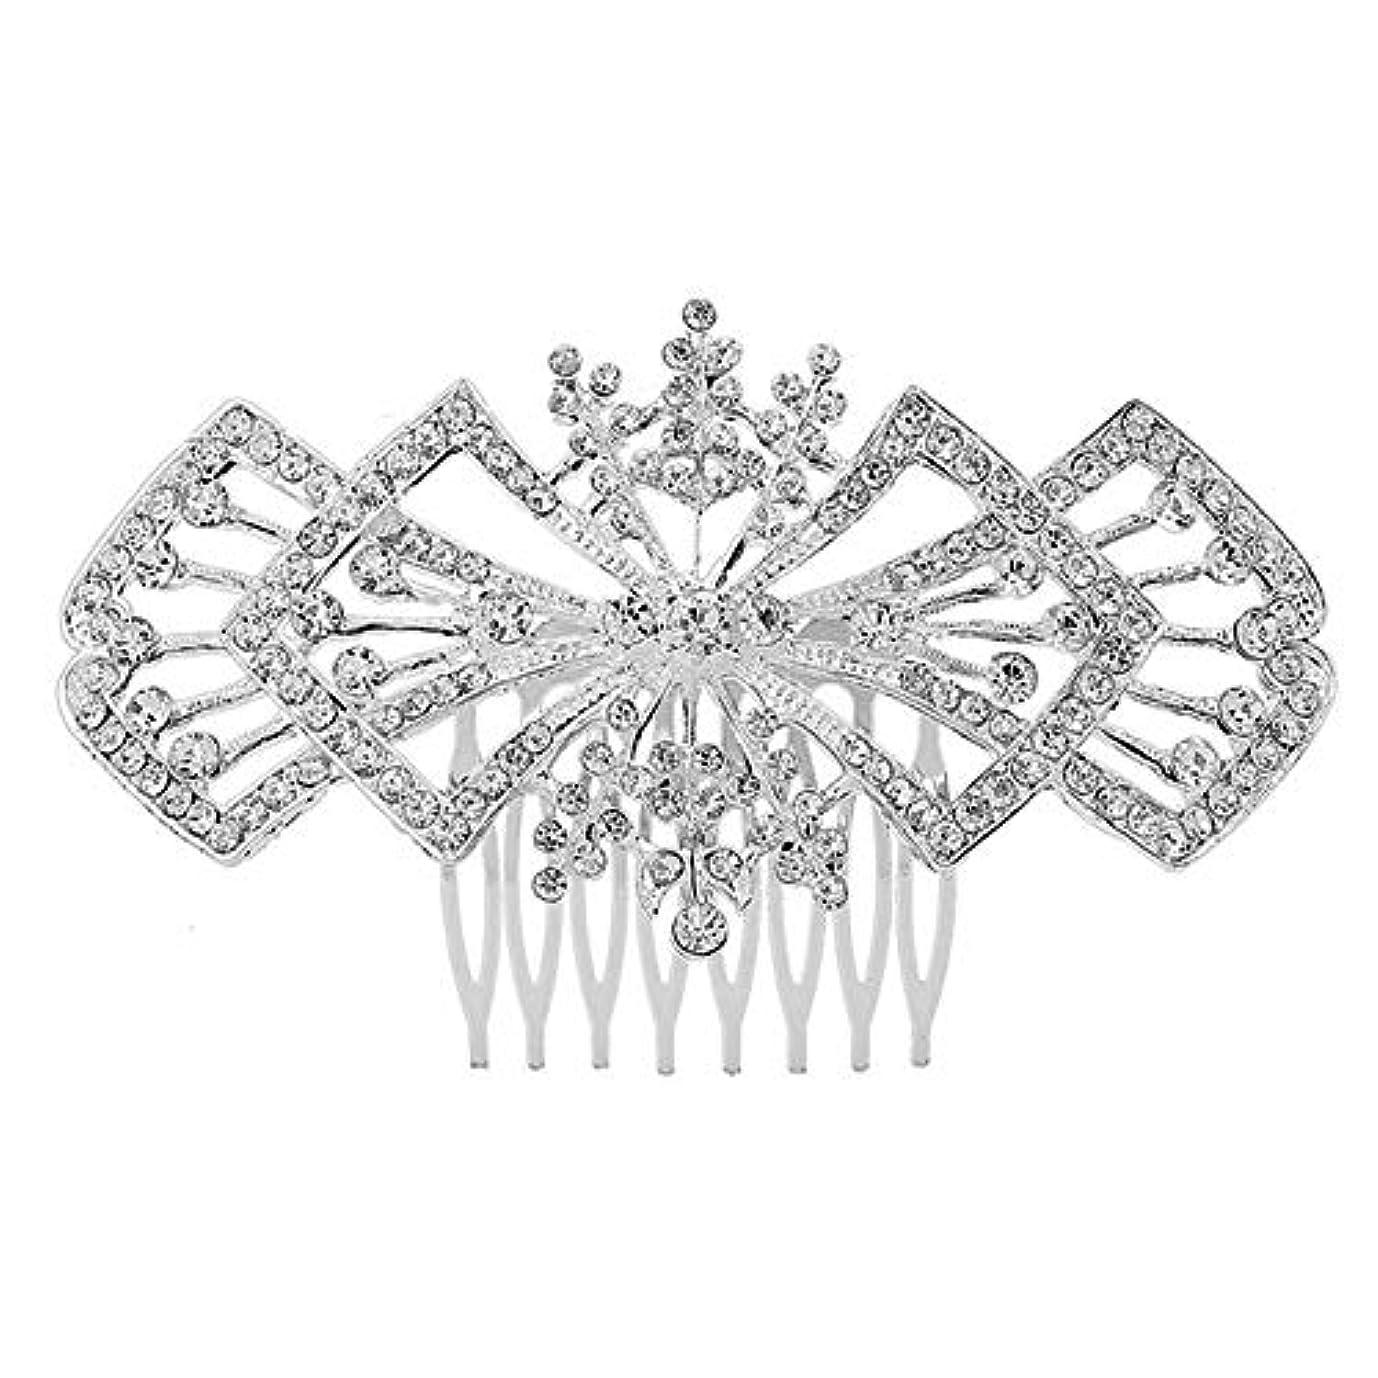 新しい意味ニッケル候補者髪の櫛の櫛の櫛の花嫁の髪の櫛の花の髪の櫛のラインストーンの挿入物の櫛の合金の帽子の結婚式の宝石類